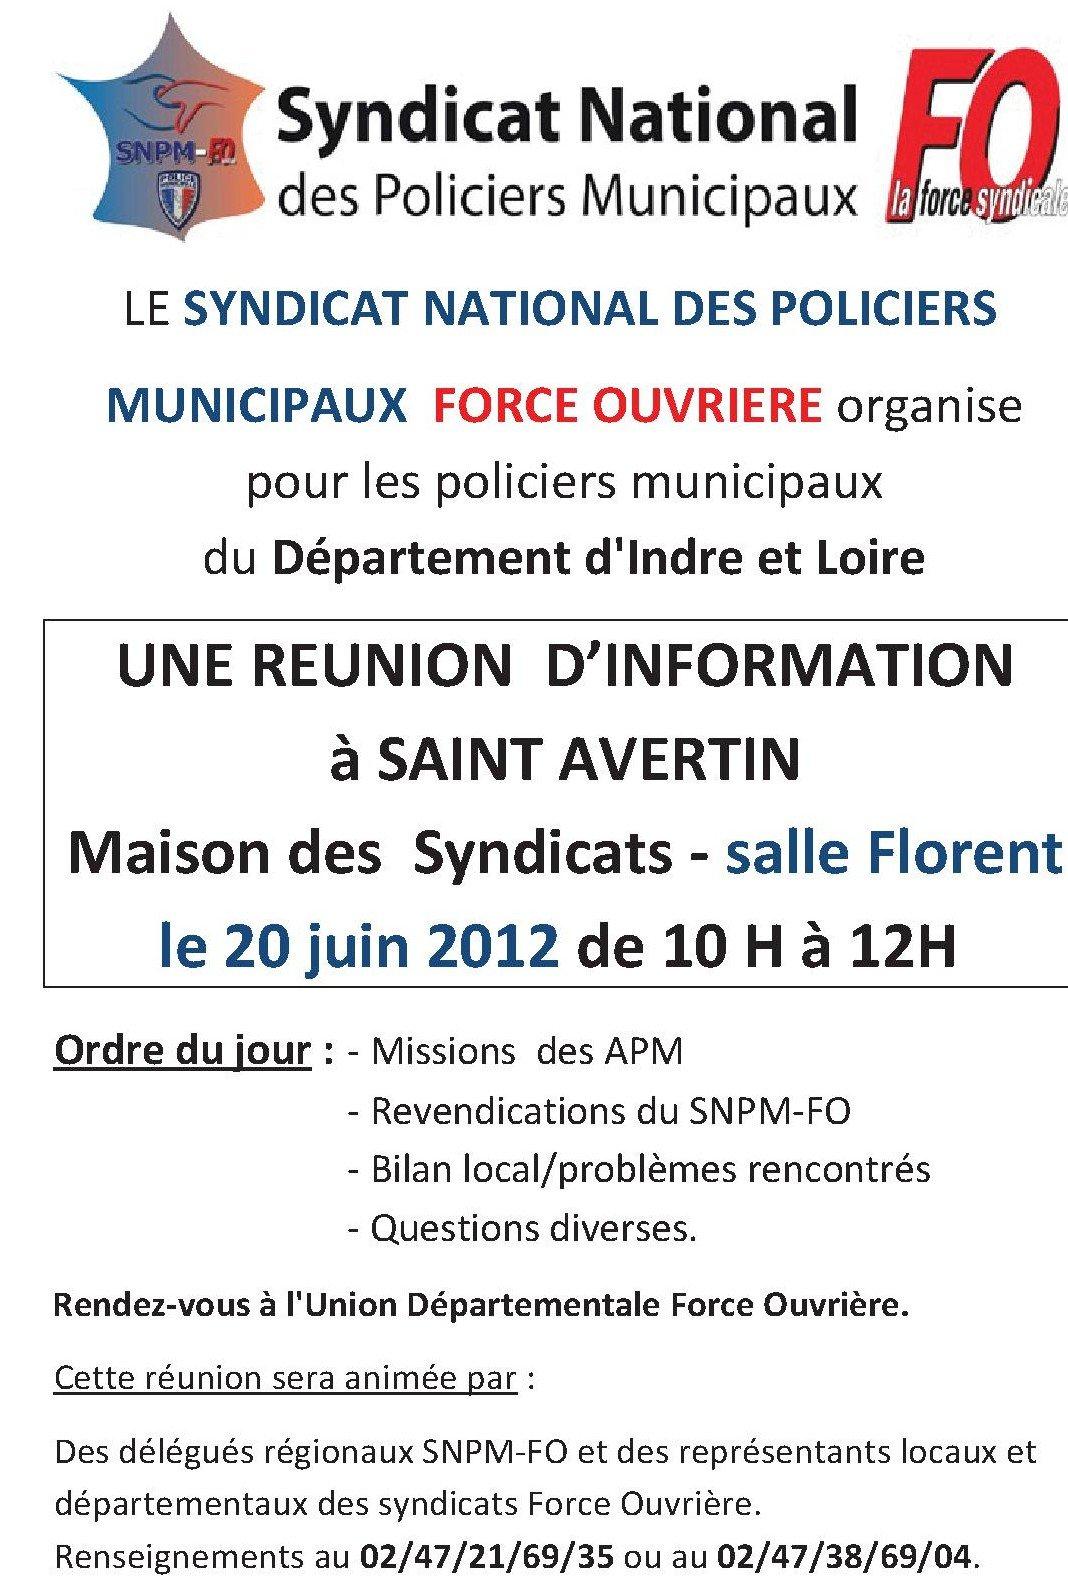 Nos actions dans la région + articles de journeaux (Tribunal Administratif,grève,manif, etc.) tract-reunion-20-juin-2012-Saint-avertin